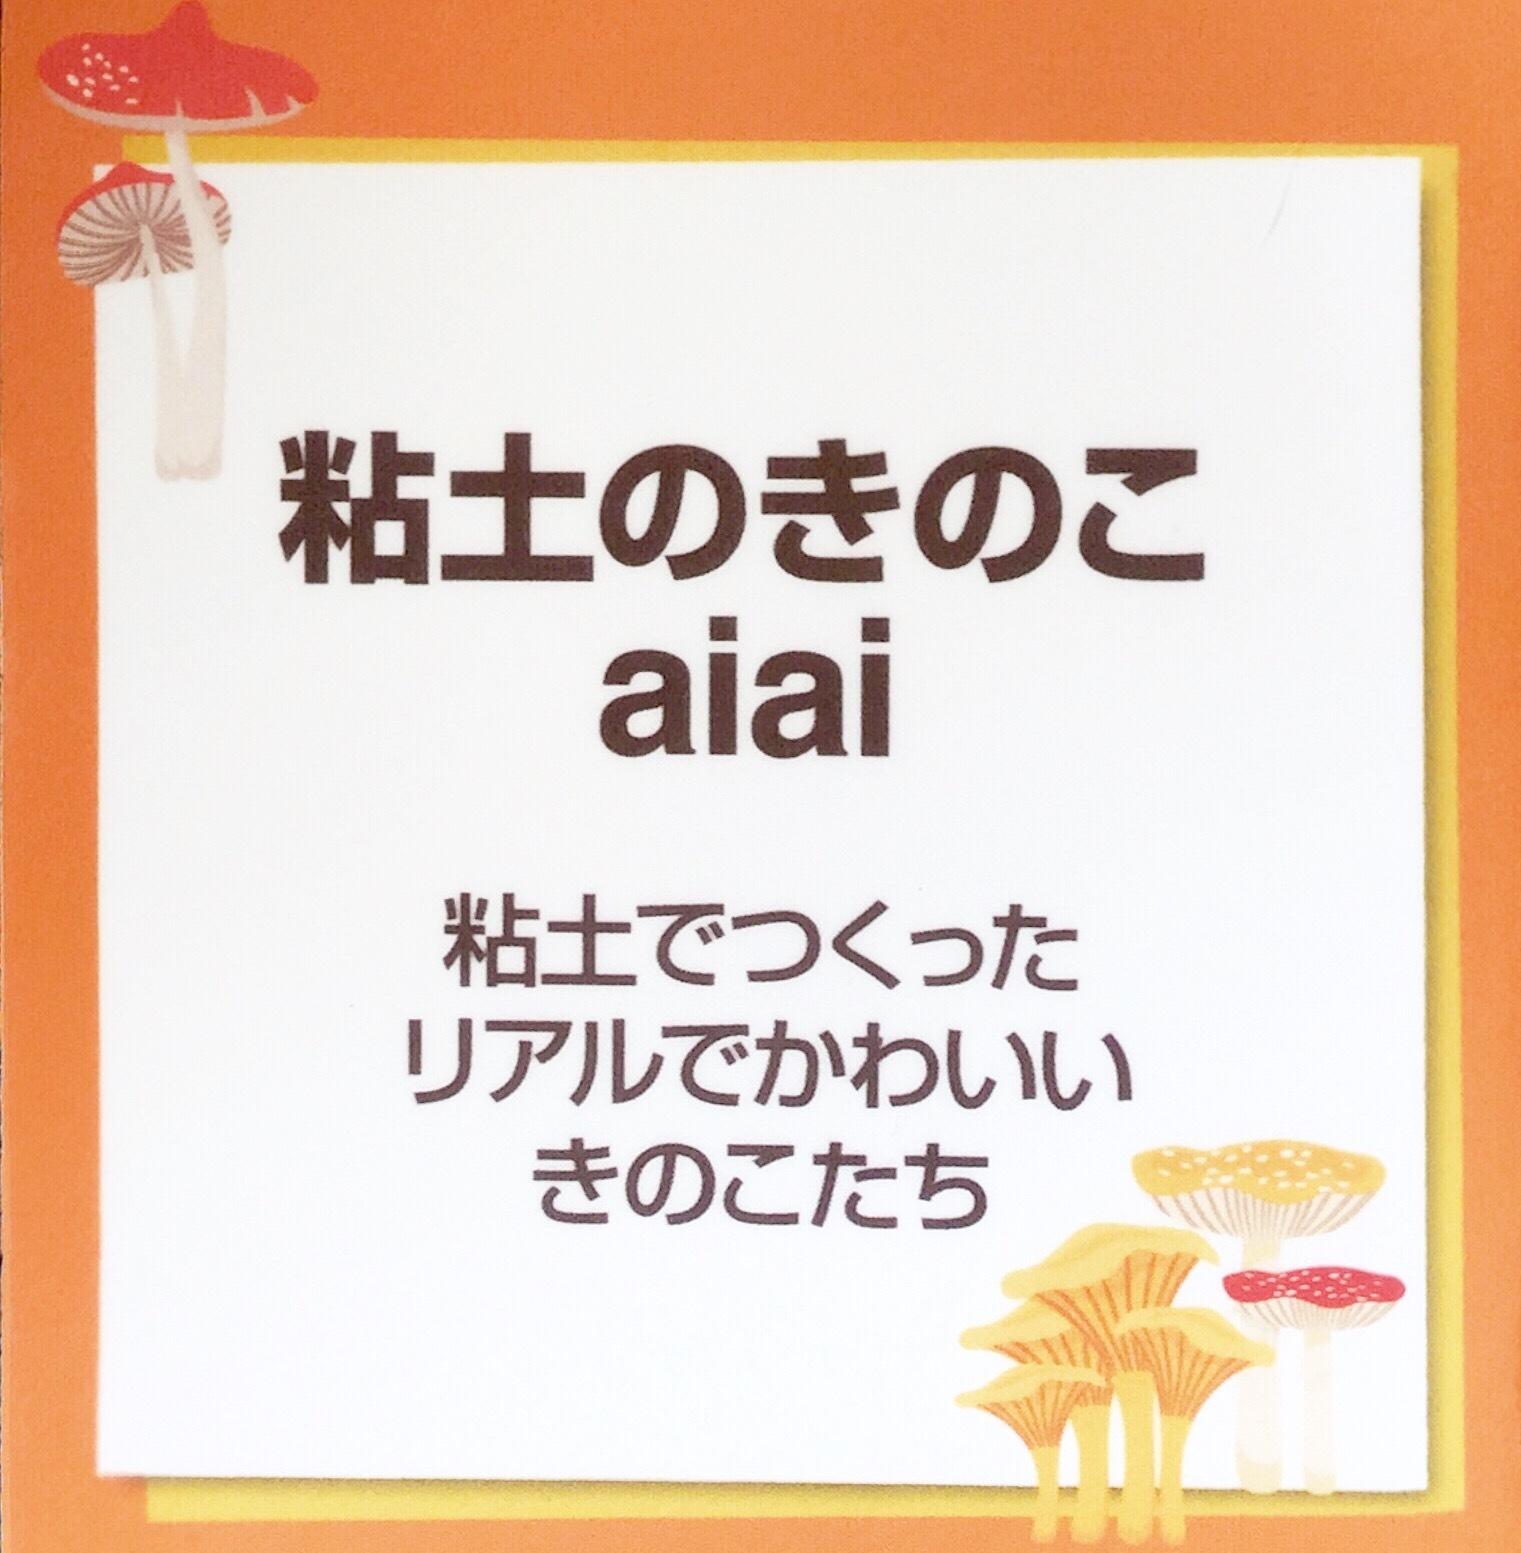 2017_粘土のきのこaiai_logo